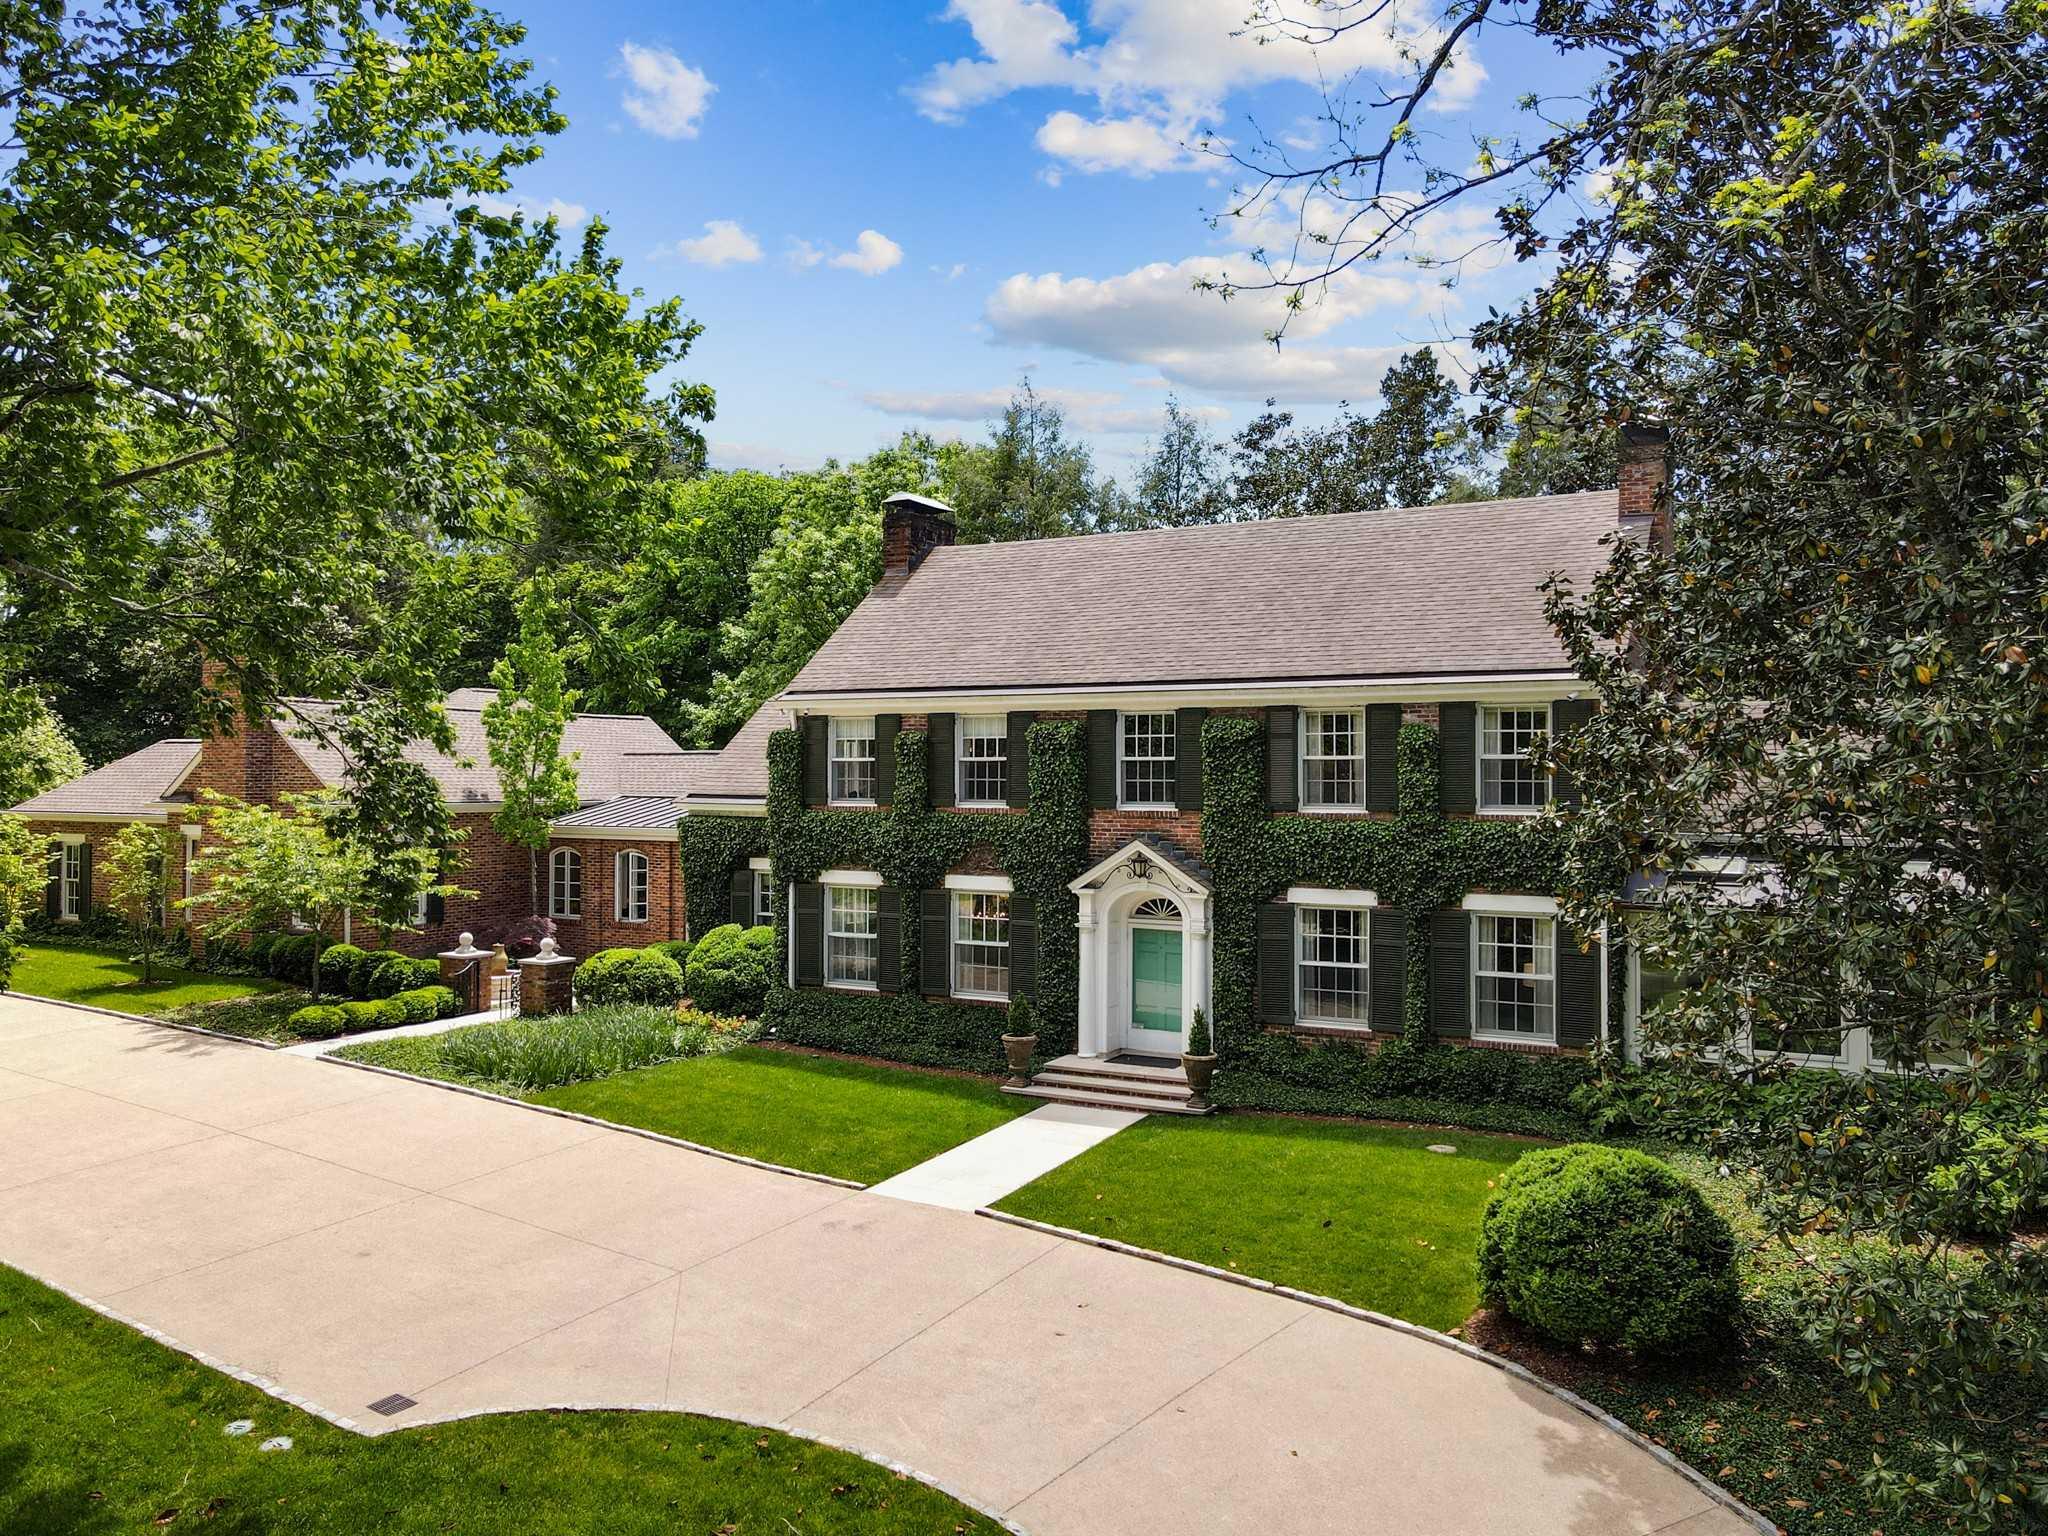 $4,500,000 - 4Br/5Ba -  for Sale in Belle Meade, Nashville